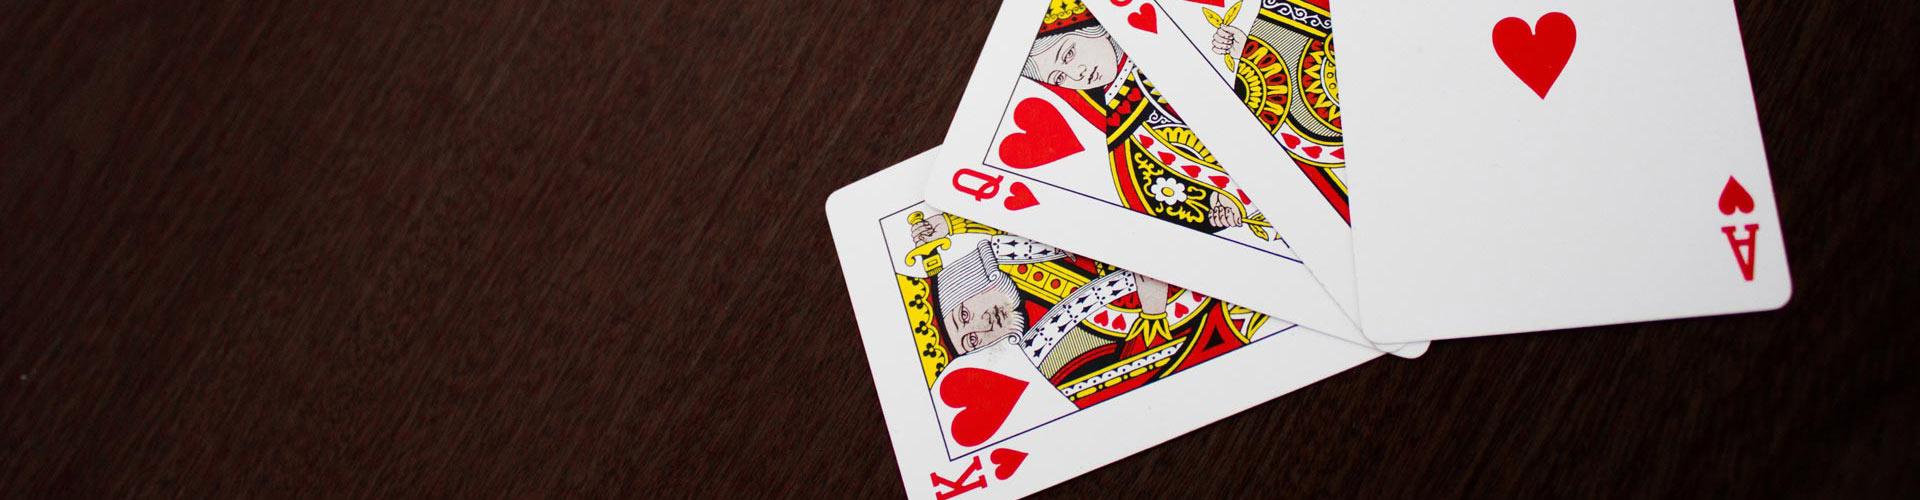 cineman Fashion W/ürfel Cup Shaker KTV Bar Pub W/ürfel Spiele Casino Spiel Party Supplies /ägyptisches Muster Leder gerader W/ürfel Becher f/ür Bars